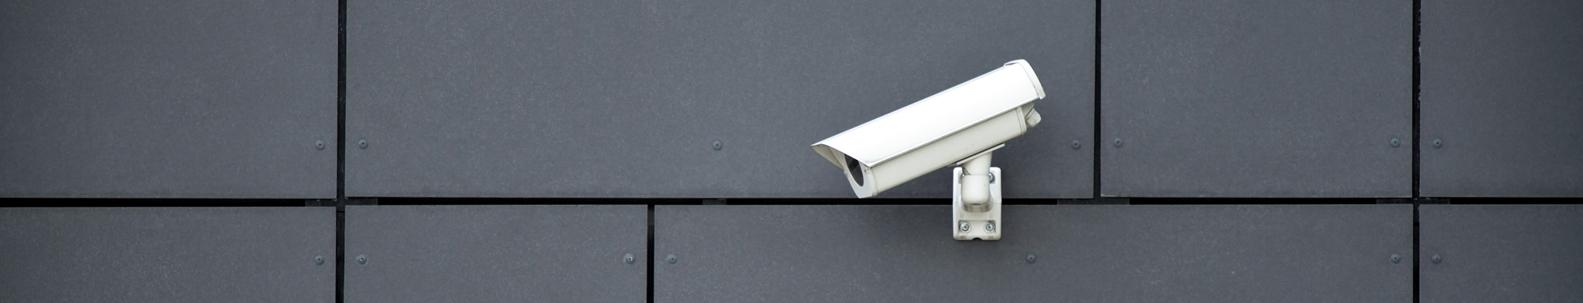 Imitacinės vaizdo kameros  Imitacinės vaizdo kameros, skirtos prevencinei apsaugai nuo potencialių nusikaltimų